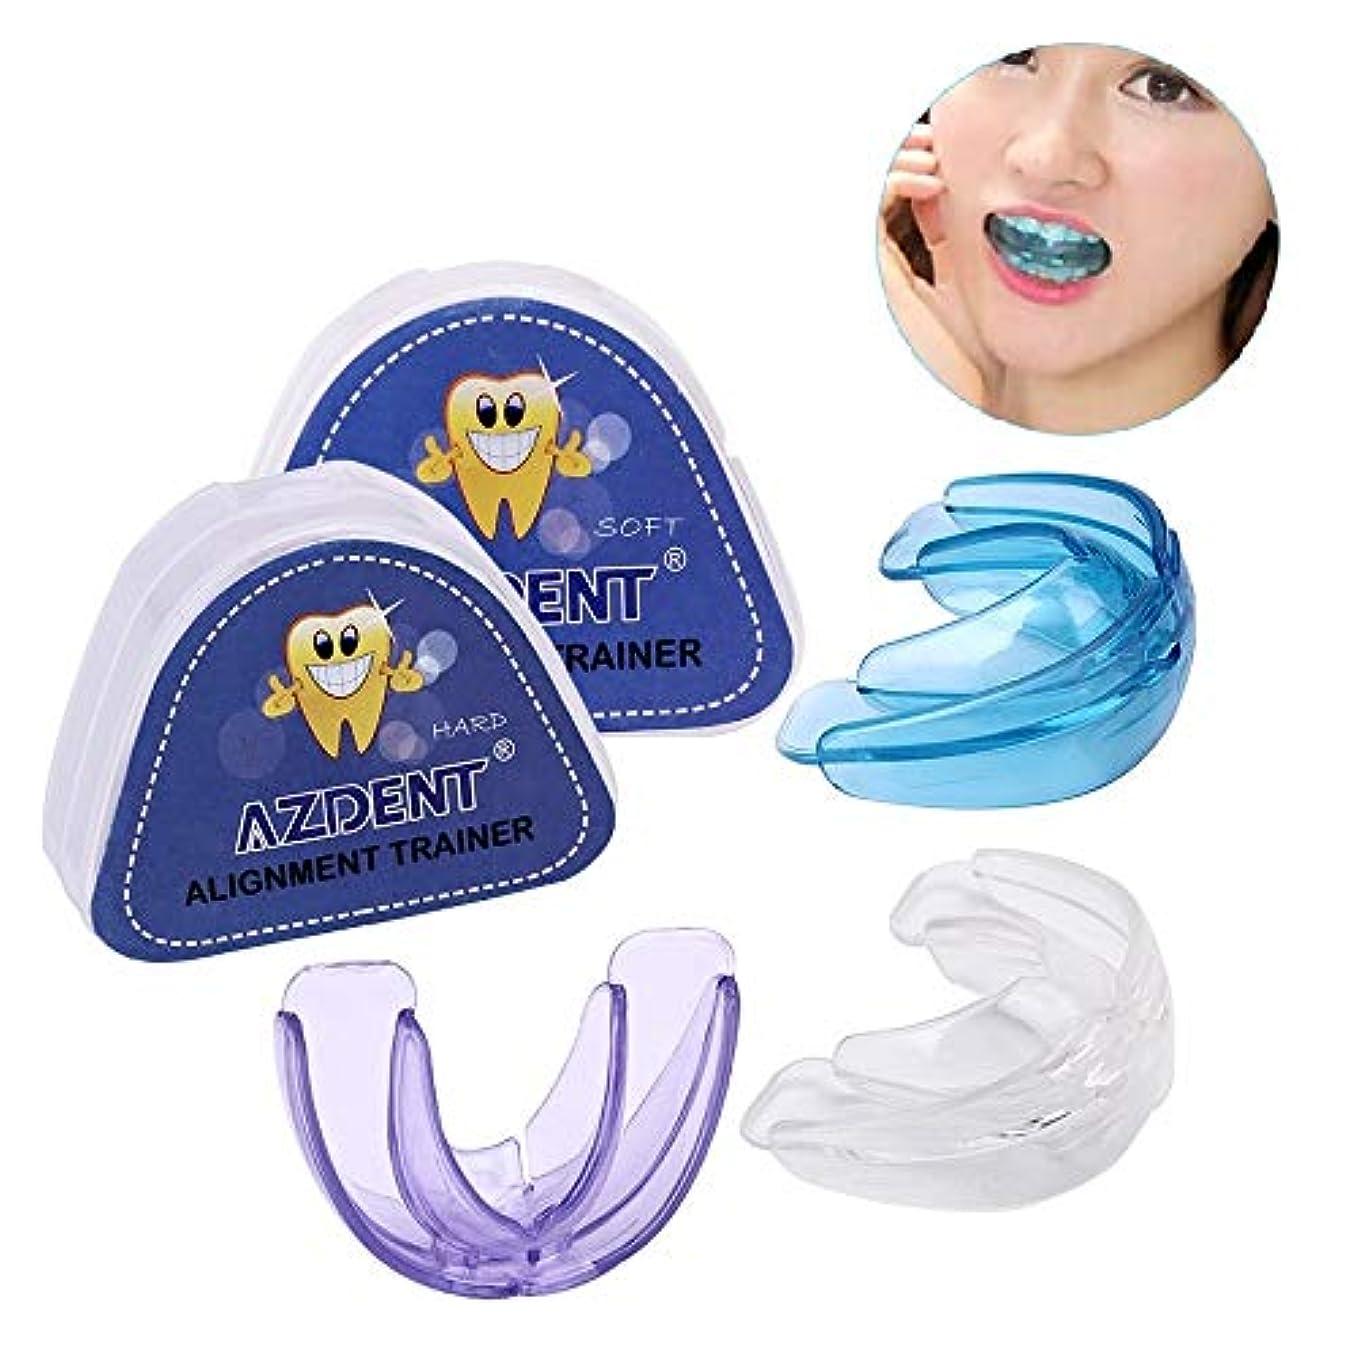 サンダーおびえた音声1 SET(SOFT+HARD) Pro Silicone Tooth Orthodontic Dental Appliance Trainer Alignment Braces For Teeth Straight Alignment...